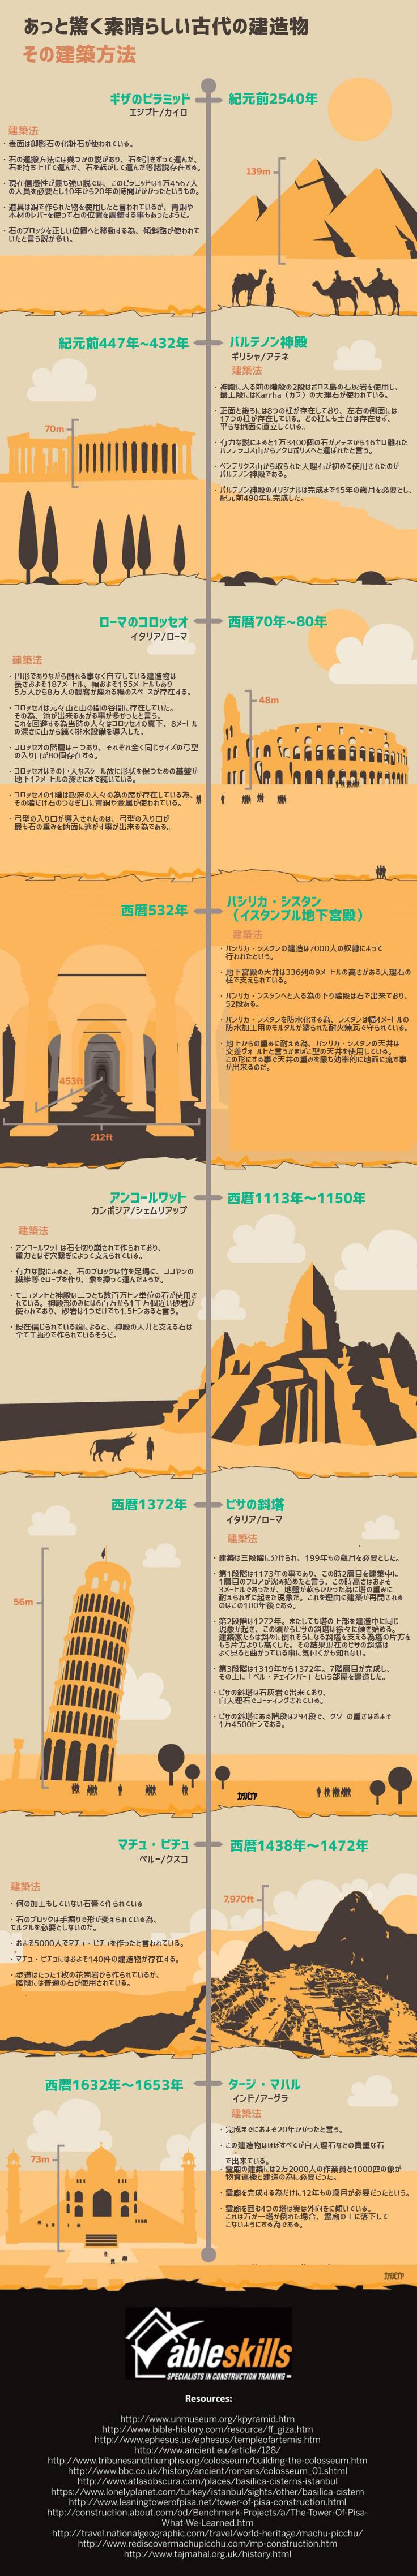 インフォグラフィック:人類史上最高の建築物7選。造り方が今だに不明な建造物